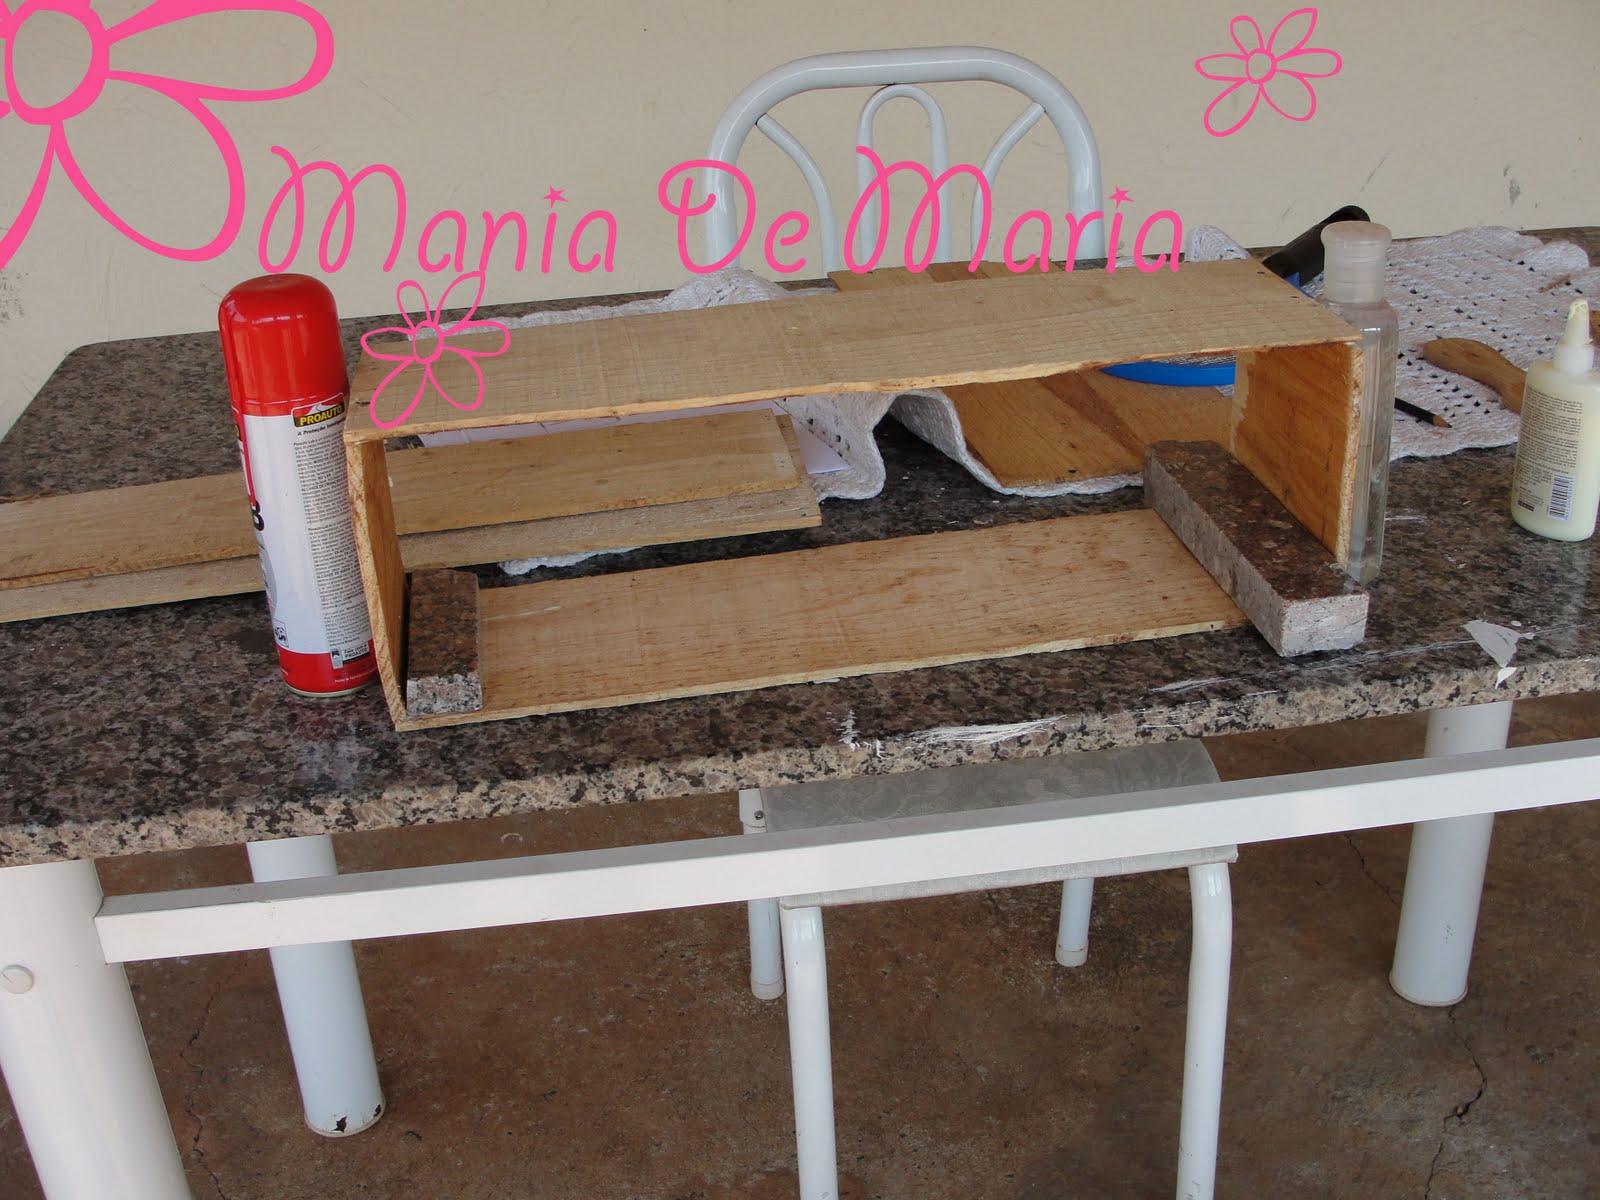 Mania de maria: Prateleira de caixote de feira Pt 2! #C20952 1600x1200